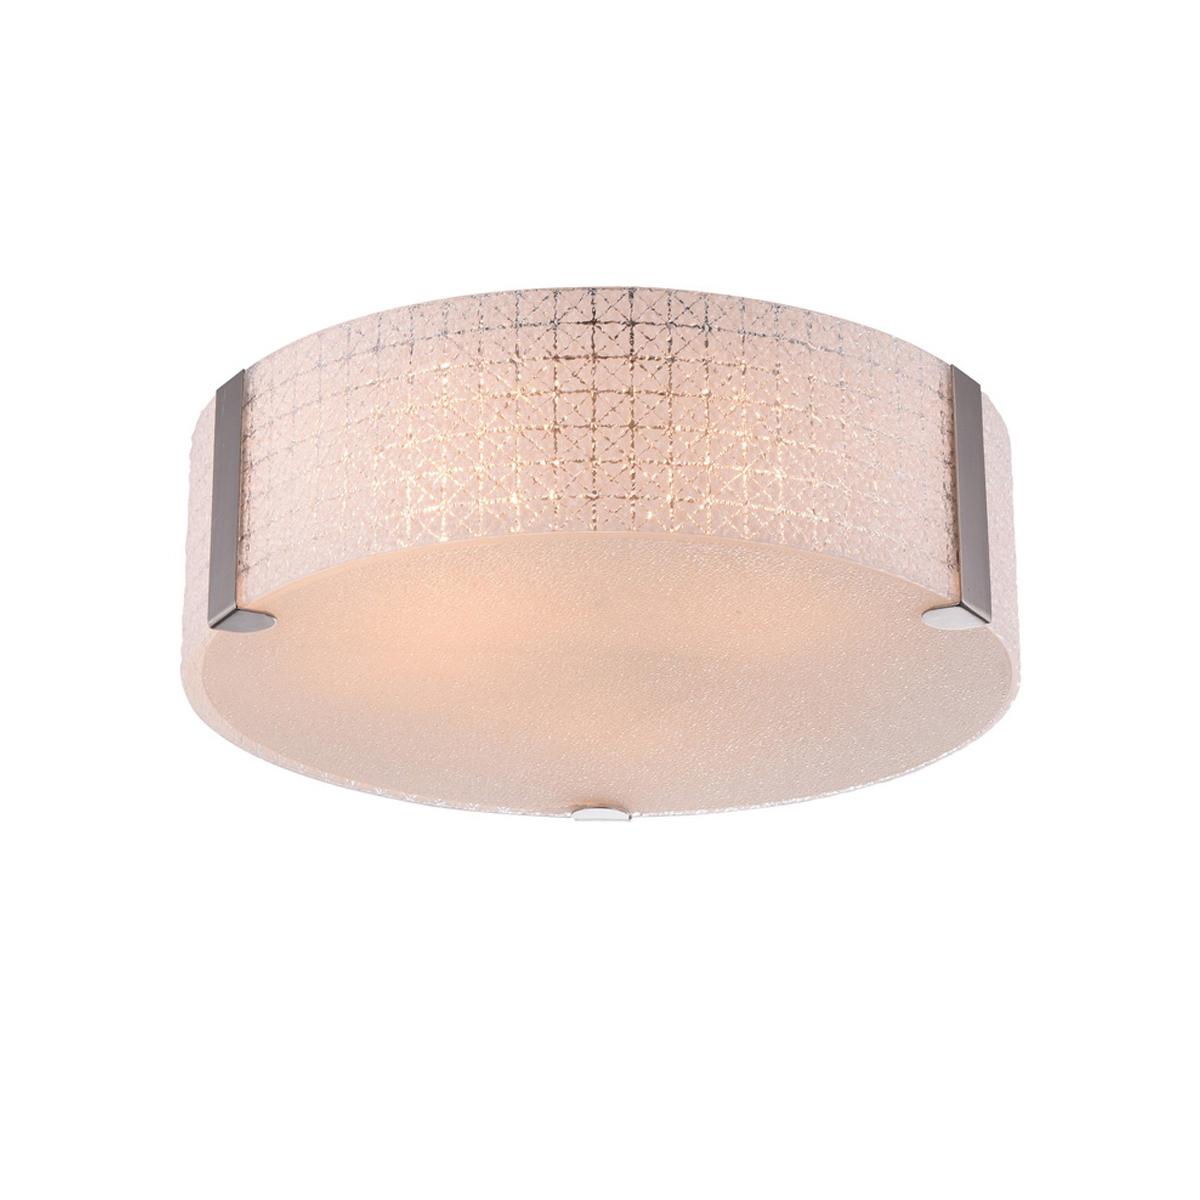 Светильник потолочный ClaraПотолочные светильники<br>Светильник потолочный в стиле Арт-Деко. Светильник поставляется в разобранном виде и имеет в комплекте все необходимые для монтажа крепежные элементы.&amp;lt;div&amp;gt;&amp;lt;br&amp;gt;&amp;lt;/div&amp;gt;&amp;lt;div&amp;gt;&amp;lt;div&amp;gt;Цоколь: E27&amp;lt;/div&amp;gt;&amp;lt;div&amp;gt;Мощность лампы: 60W&amp;lt;/div&amp;gt;&amp;lt;div&amp;gt;Количество ламп: 4&amp;lt;/div&amp;gt;&amp;lt;/div&amp;gt;&amp;lt;div&amp;gt;&amp;lt;span style=&amp;quot;line-height: 24.9999px;&amp;quot;&amp;gt;Лампочки не входят в комплект.&amp;amp;nbsp;&amp;lt;/span&amp;gt;&amp;lt;br&amp;gt;&amp;lt;/div&amp;gt;<br><br>Material: Металл<br>Высота см: 20